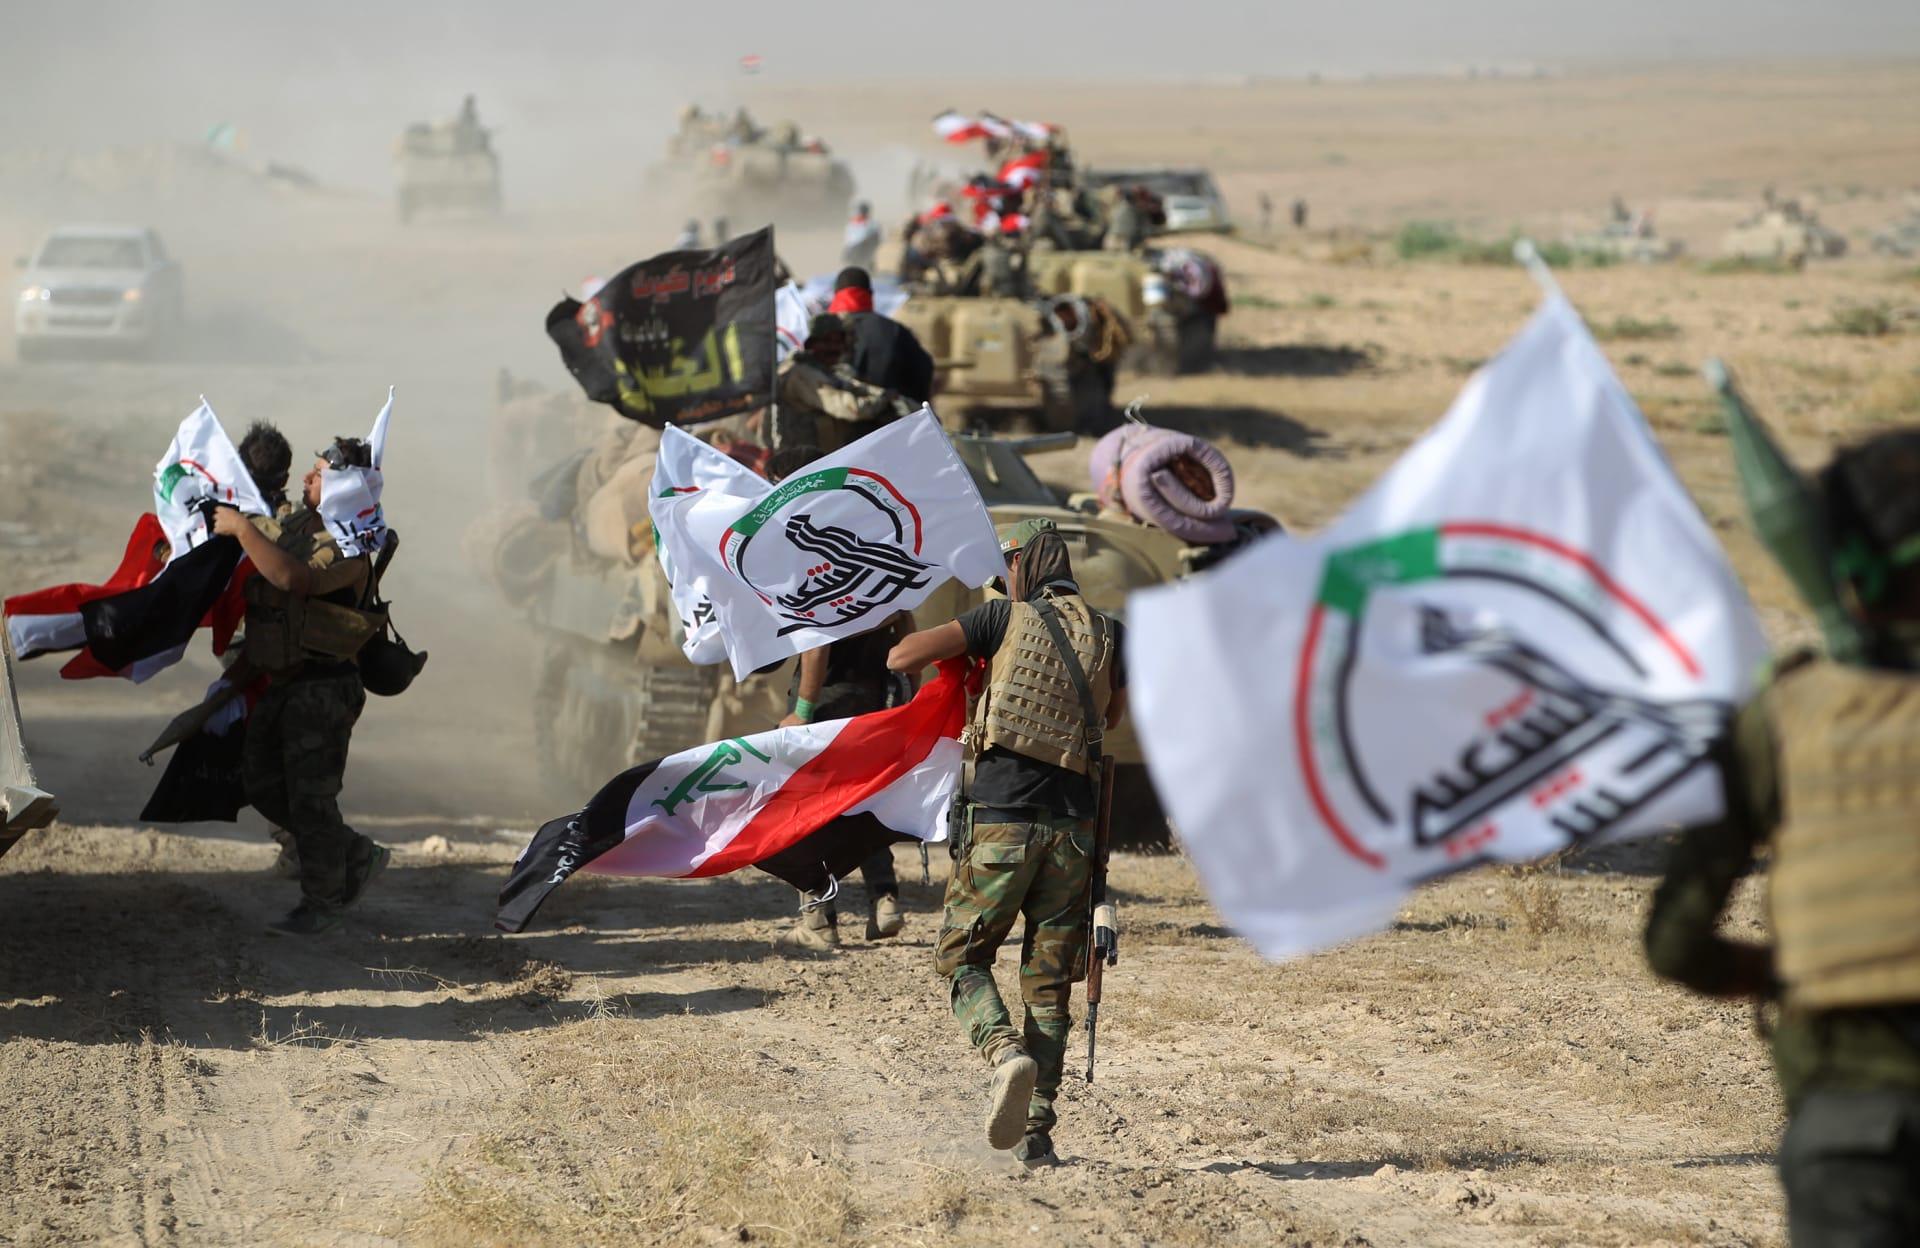 """بعد ضربات الحشد الشعبي.. العراق يستدعي السفير الأميركي لرفض """"الانتهاك الصارخ"""" لسيادته"""